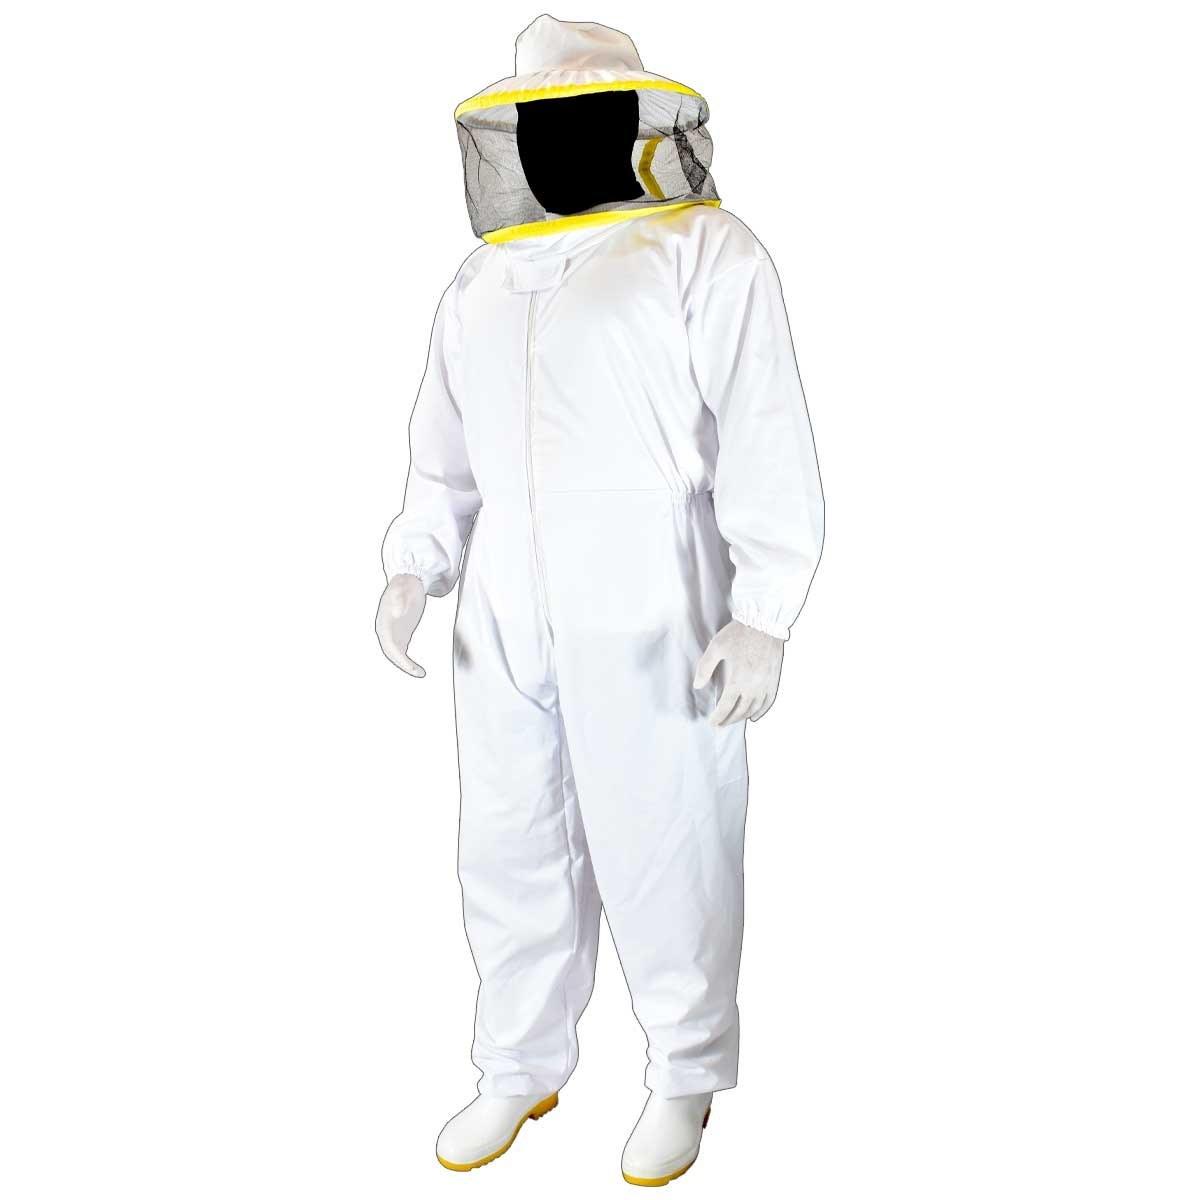 تصویر سرهمی زنبورداری کلاه گرد